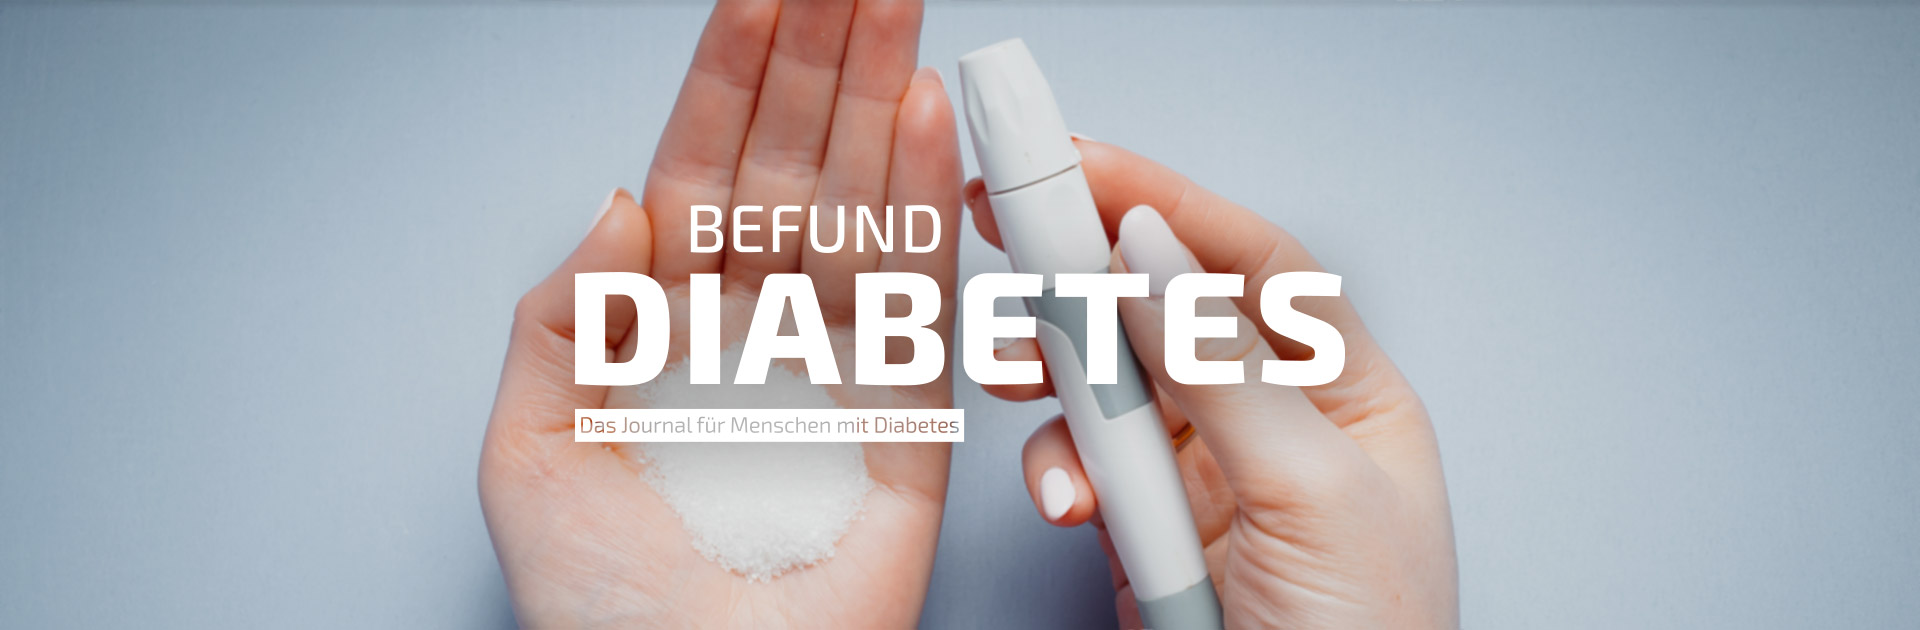 Neudiagnose Diabetes: Was Sie jetzt wissen müssen | Dianol - Deutsche Diabetes-Hilfe